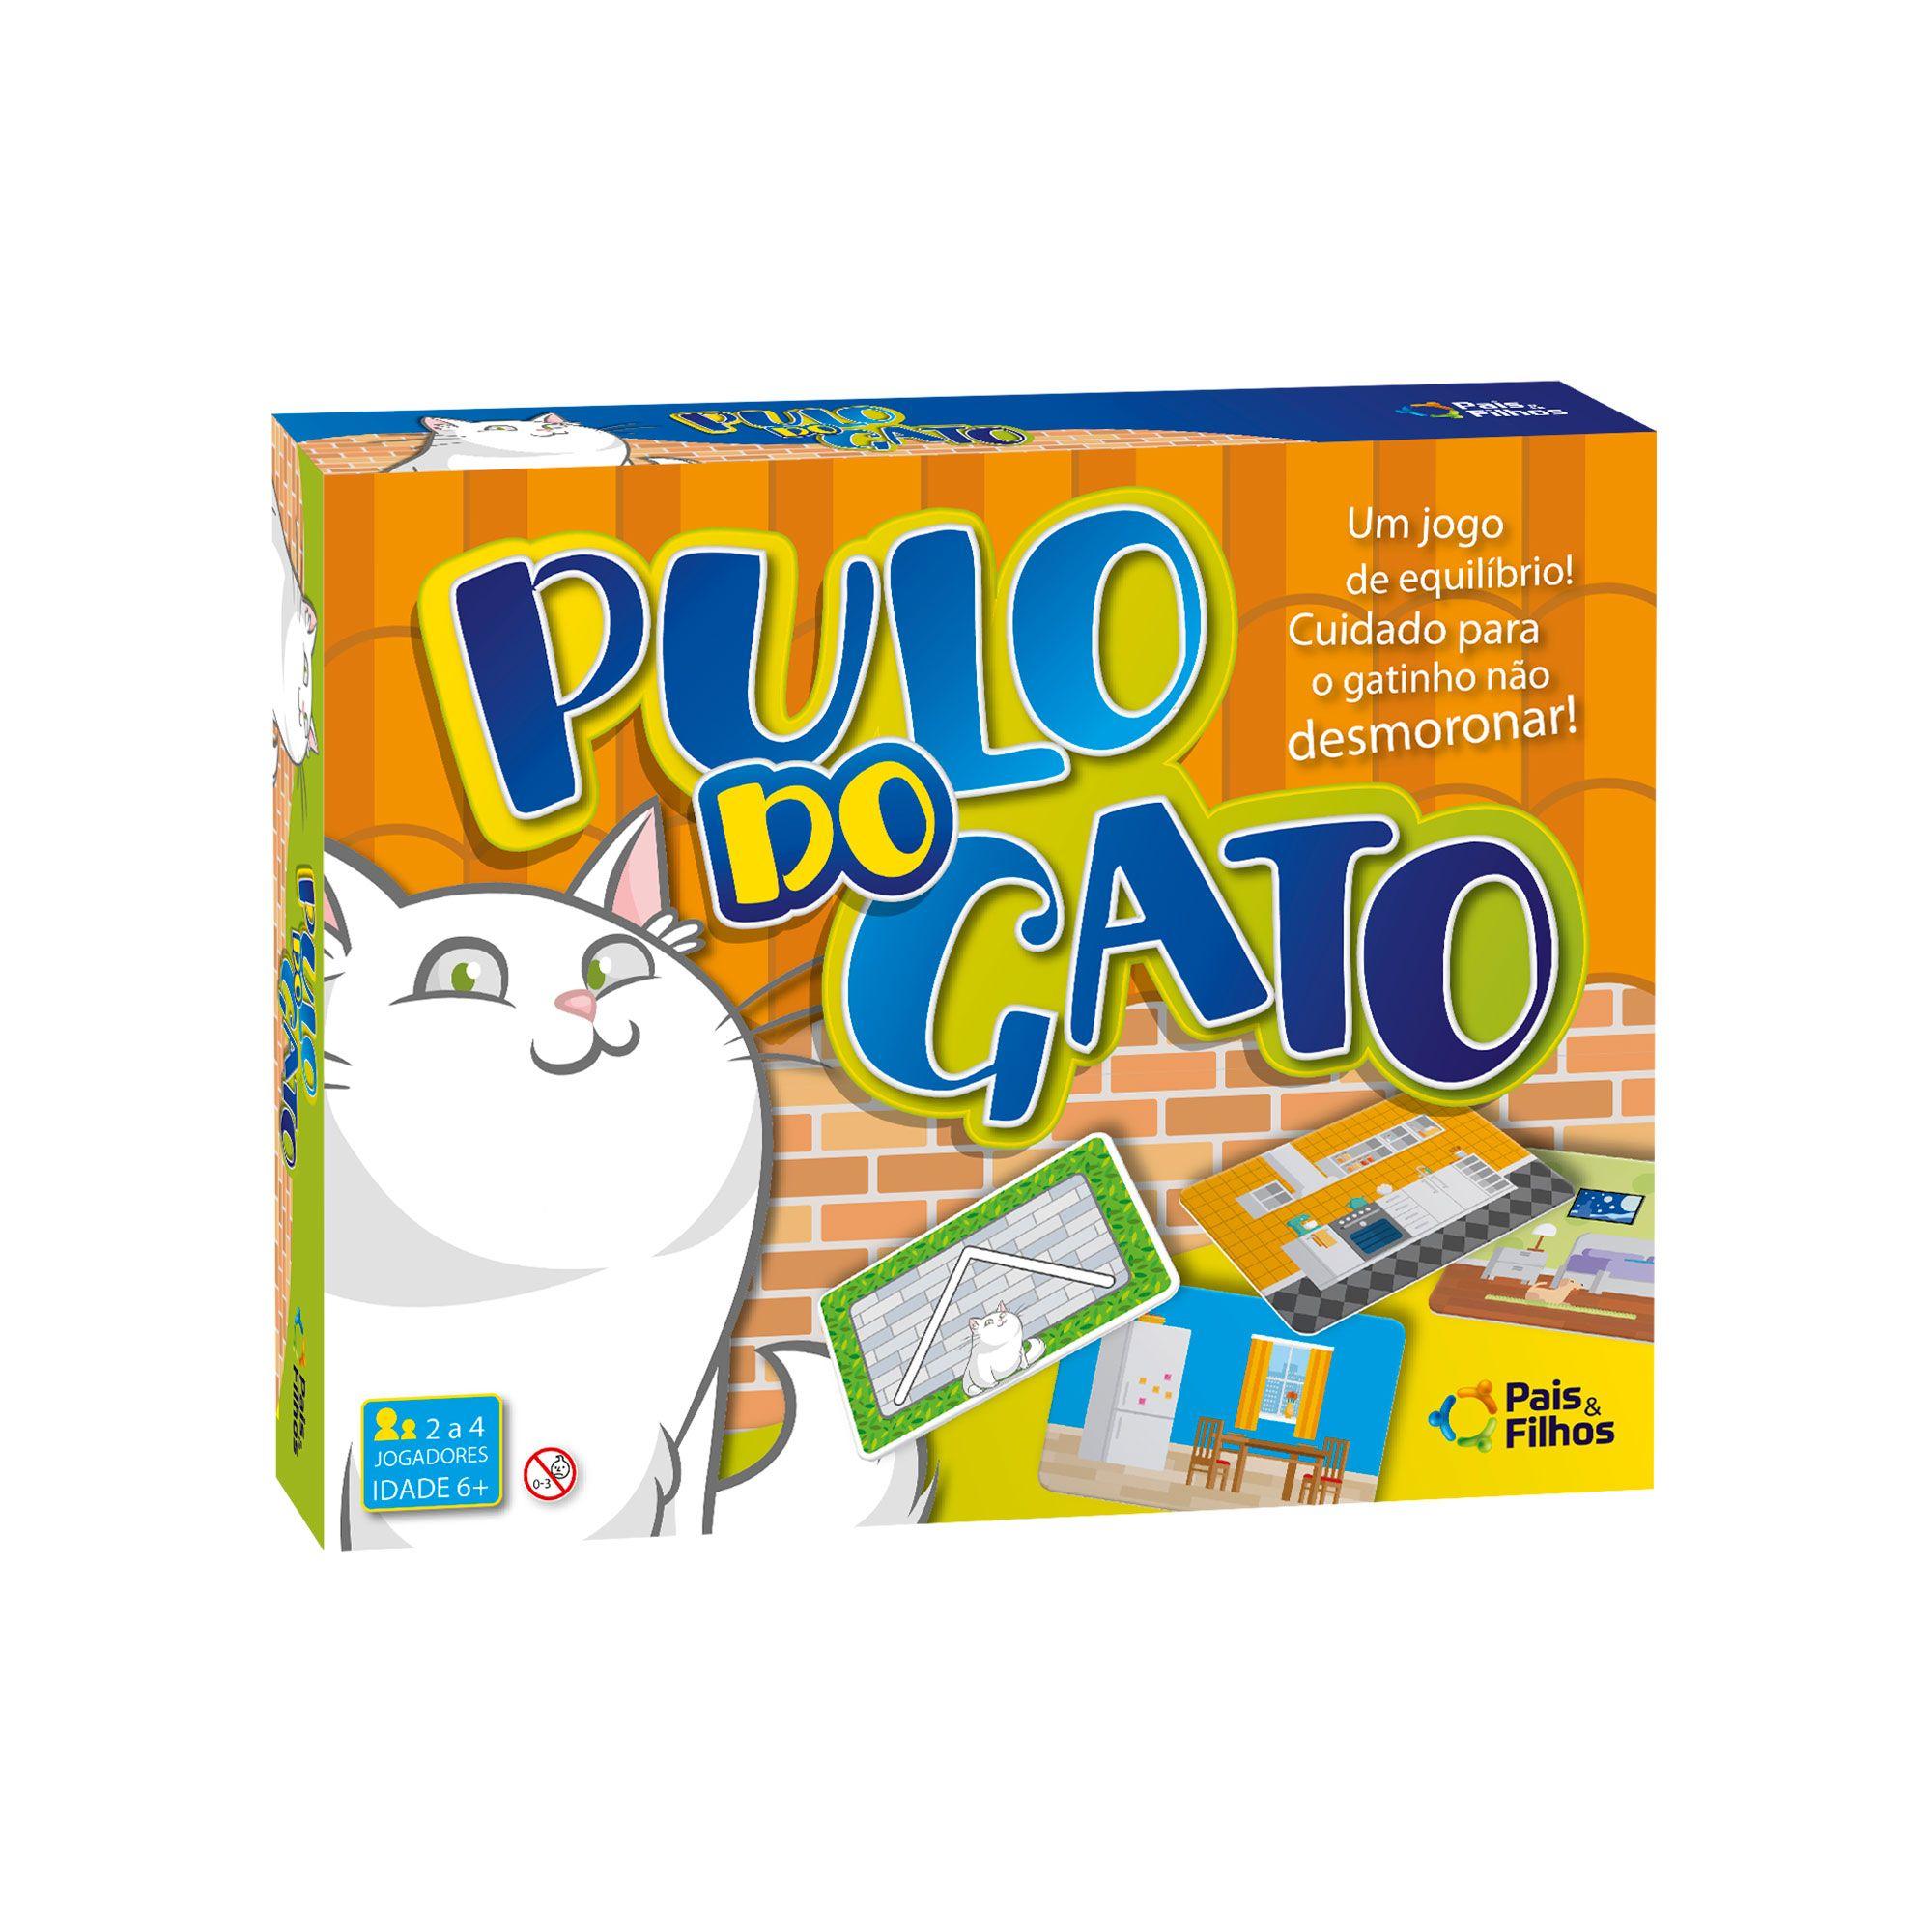 Pulo do gato-0989